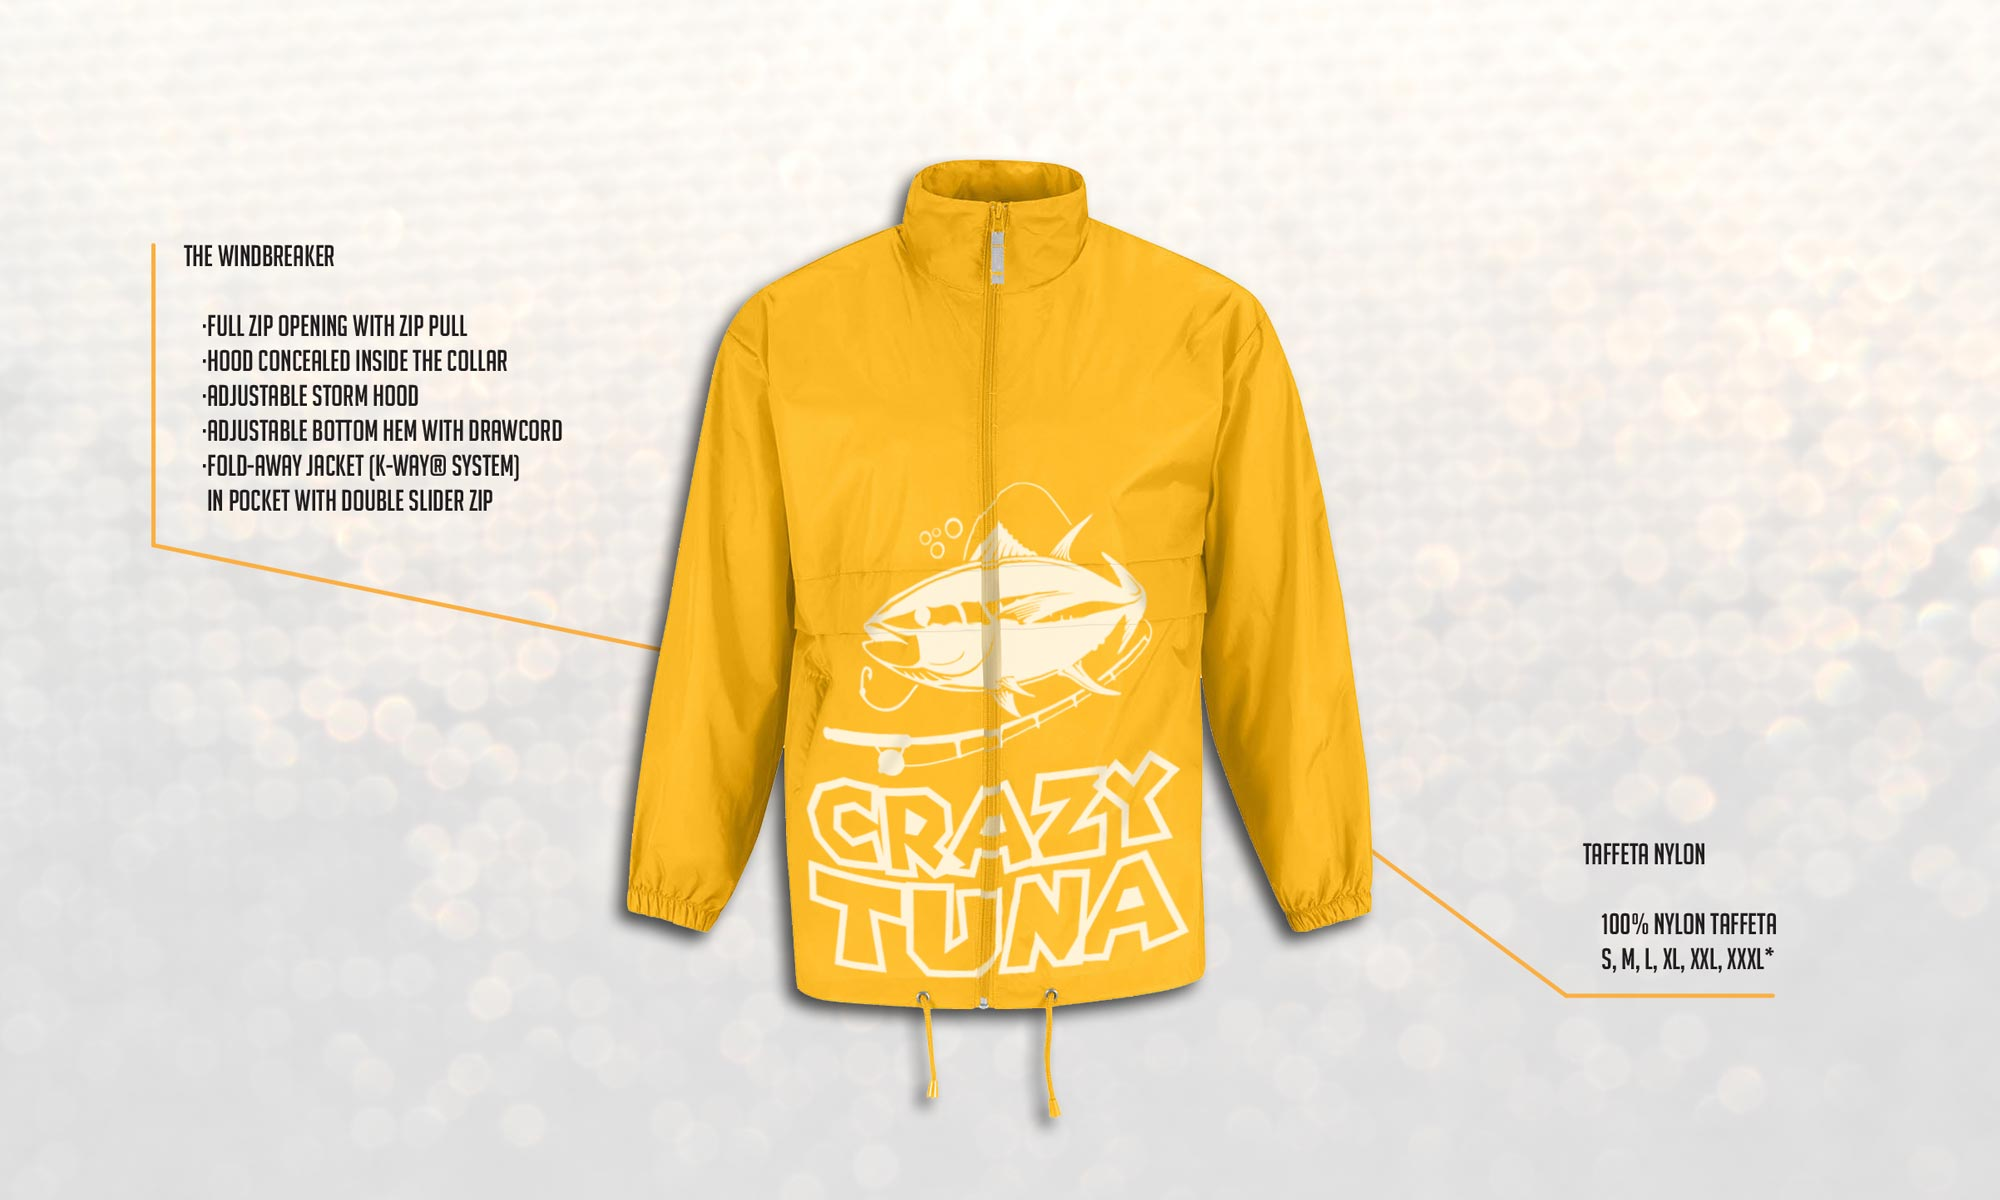 https://www.atelierzoz.com/wp-content/uploads/2020/03/works_crazy-tuna-2.jpg